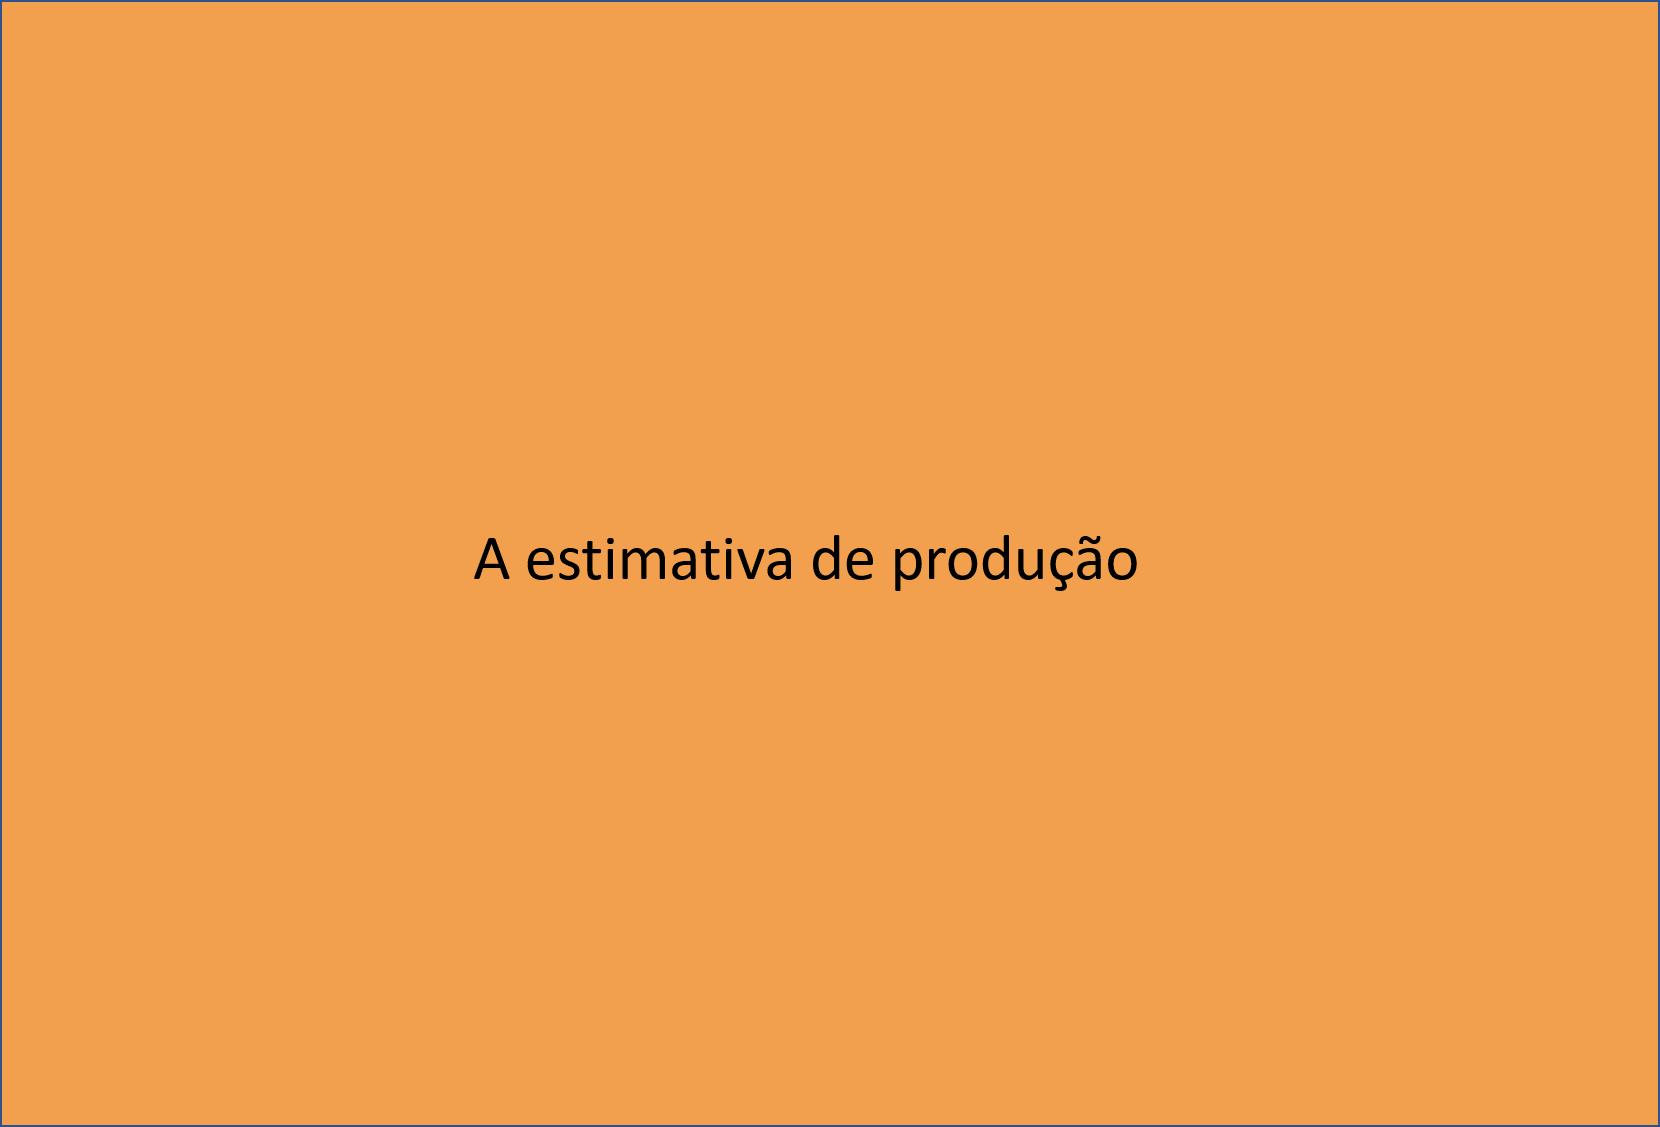 Estimativa de produção